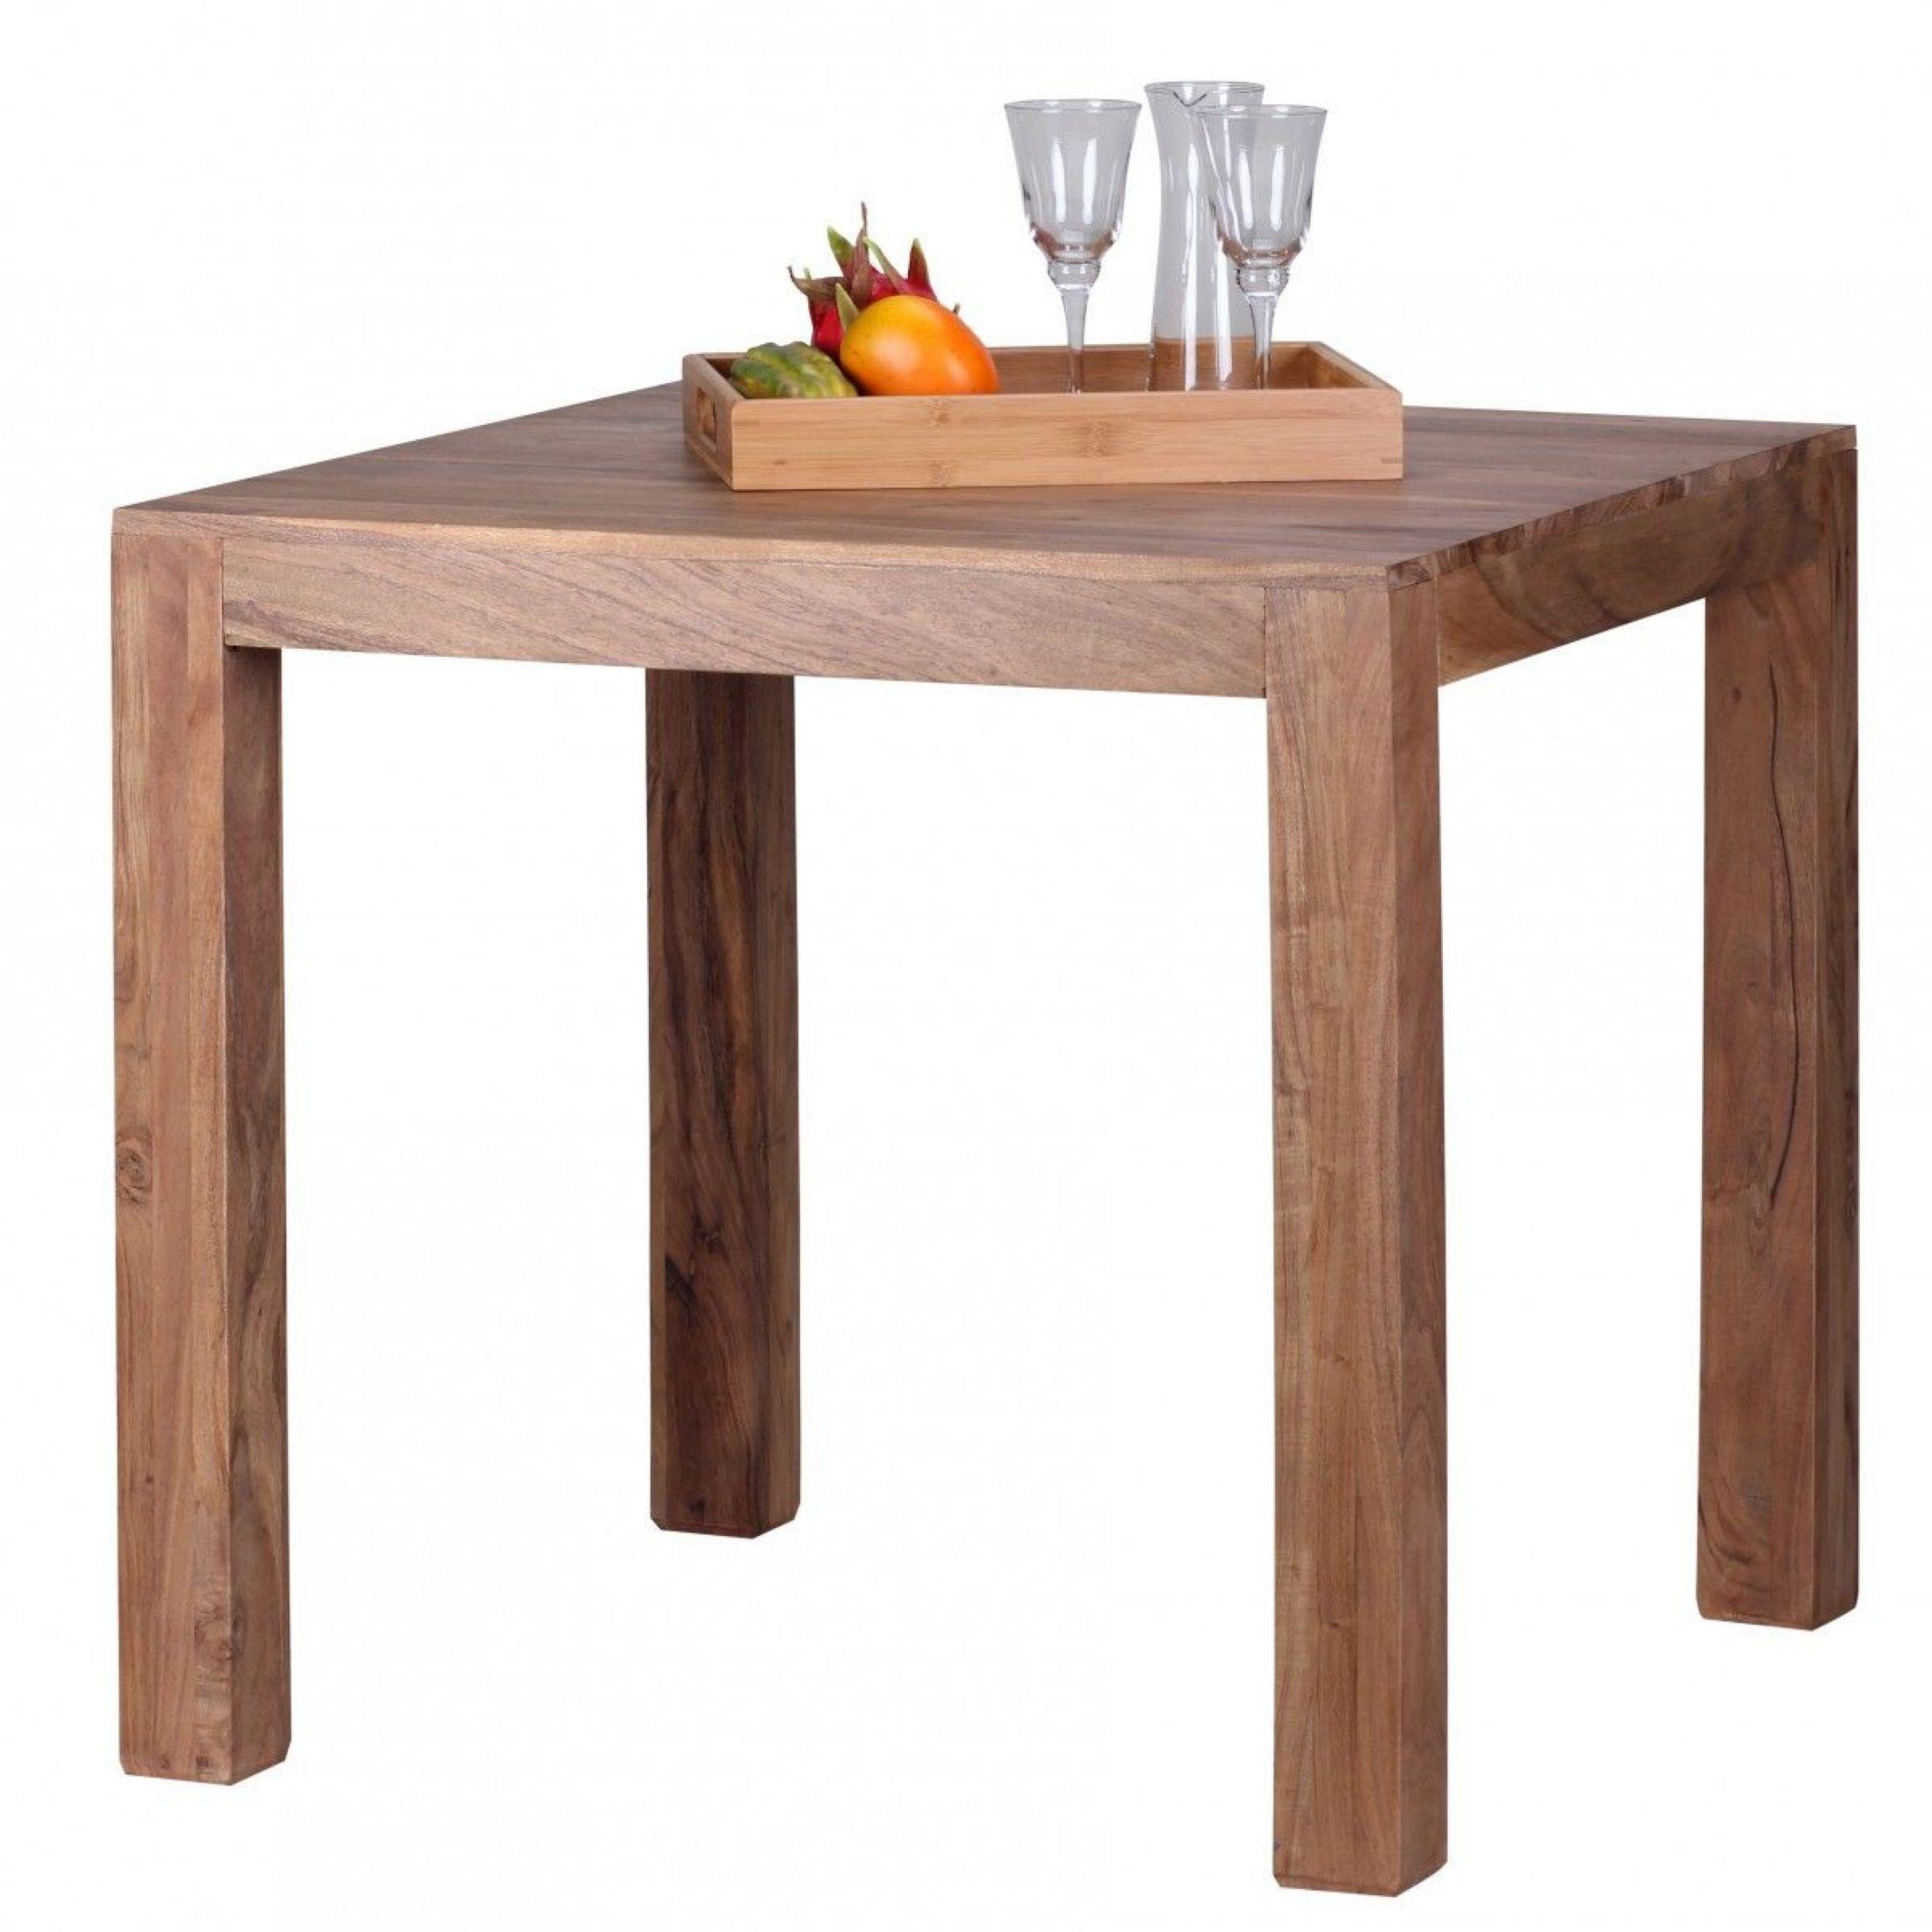 Esstisch In Akazie Massivholz 80 X 80 Cm Woody 197 00104 Modern Jetzt Bestellen Unter Https Moebel Ladendirekt De Esstisch Quadratisch Kuche Tisch Esstisch